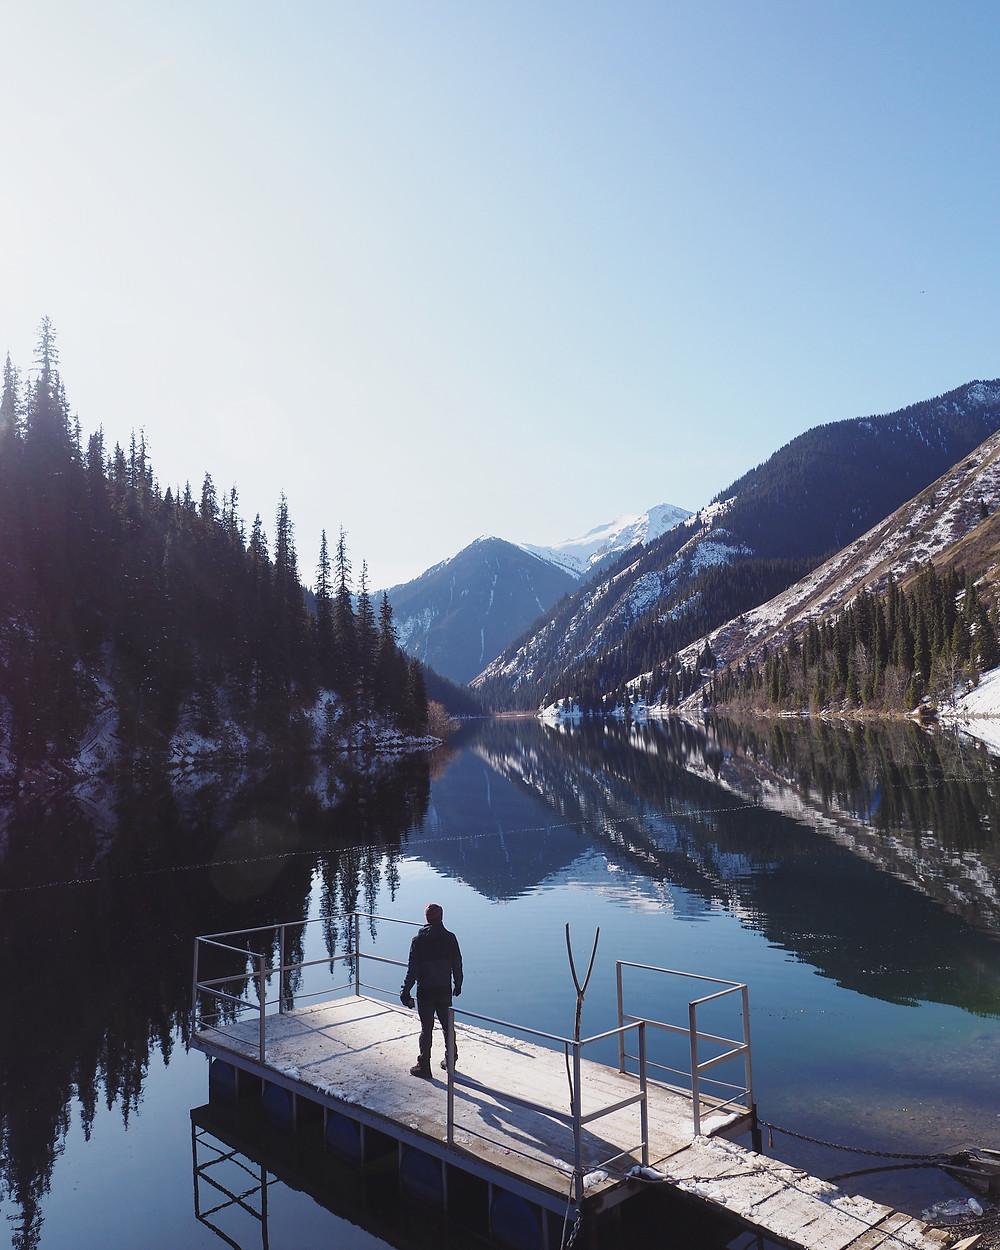 Kolsai 第一湖在阳光照射下换了新的面貌。